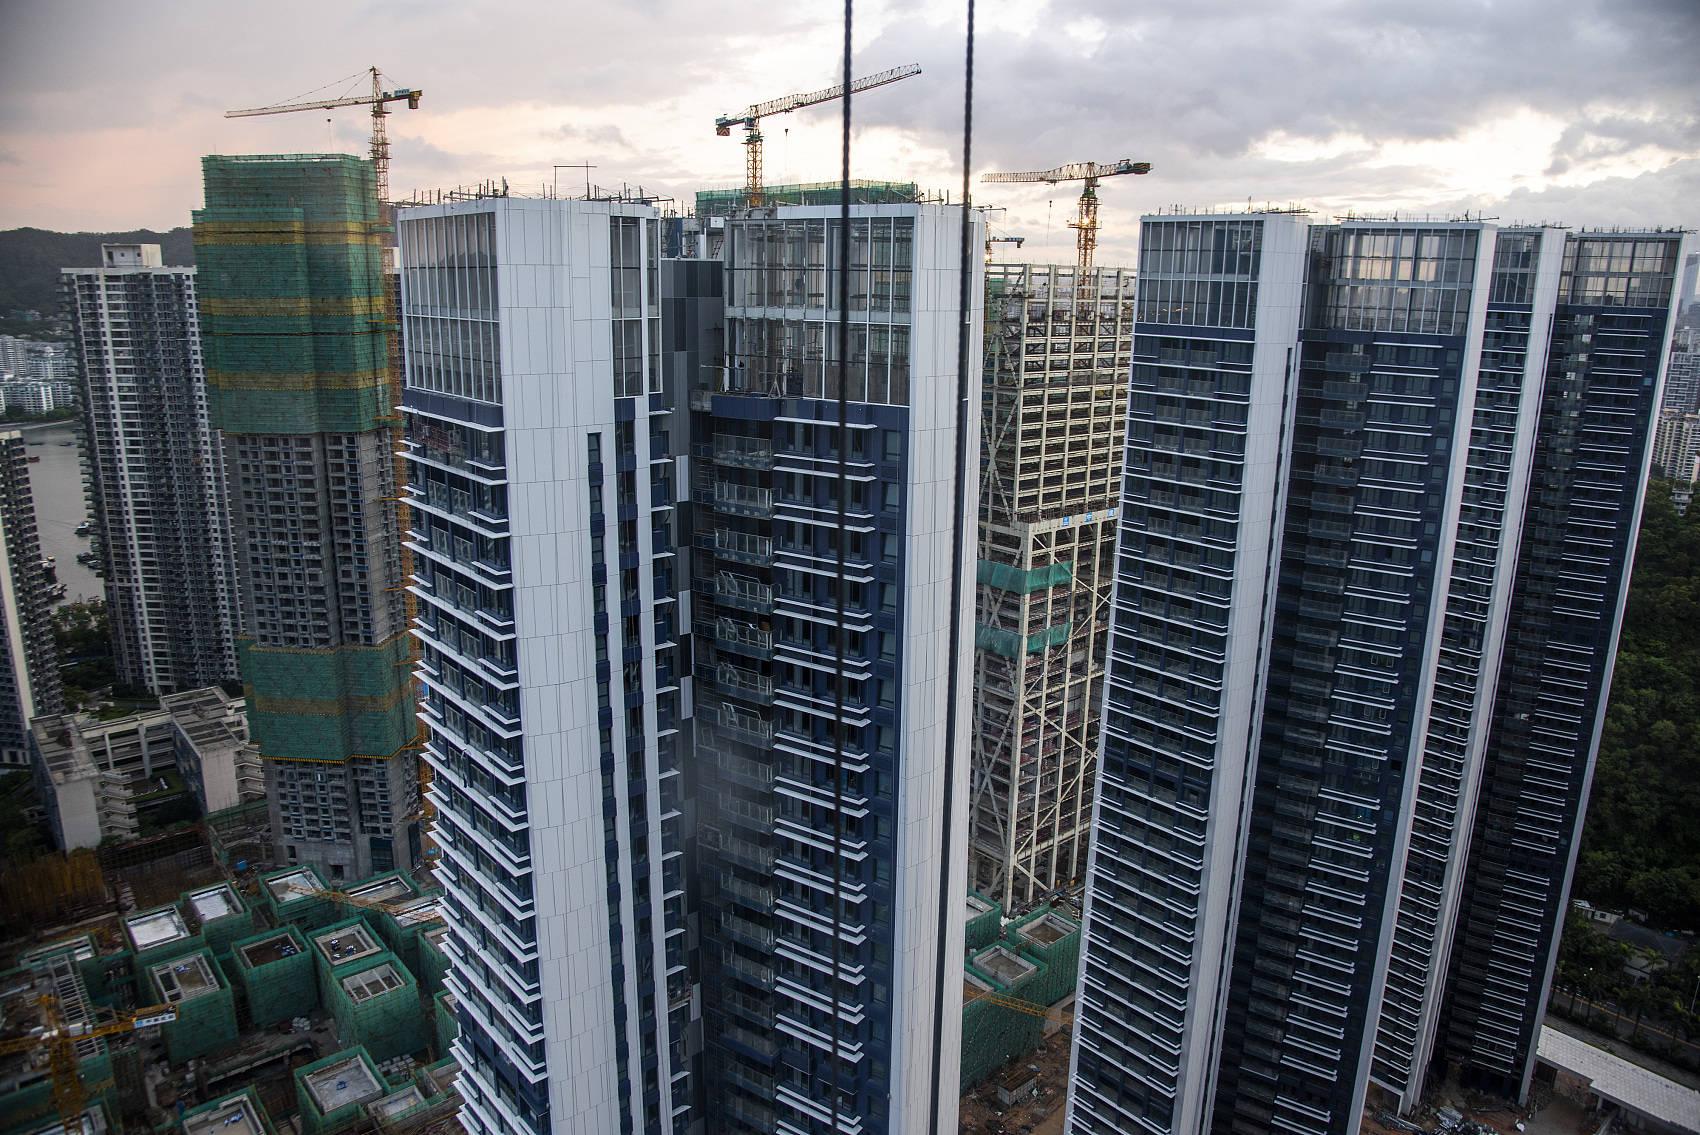 深圳二手房不想乱涨价,指导价是管制的。于恒滨城二期差价高达15万